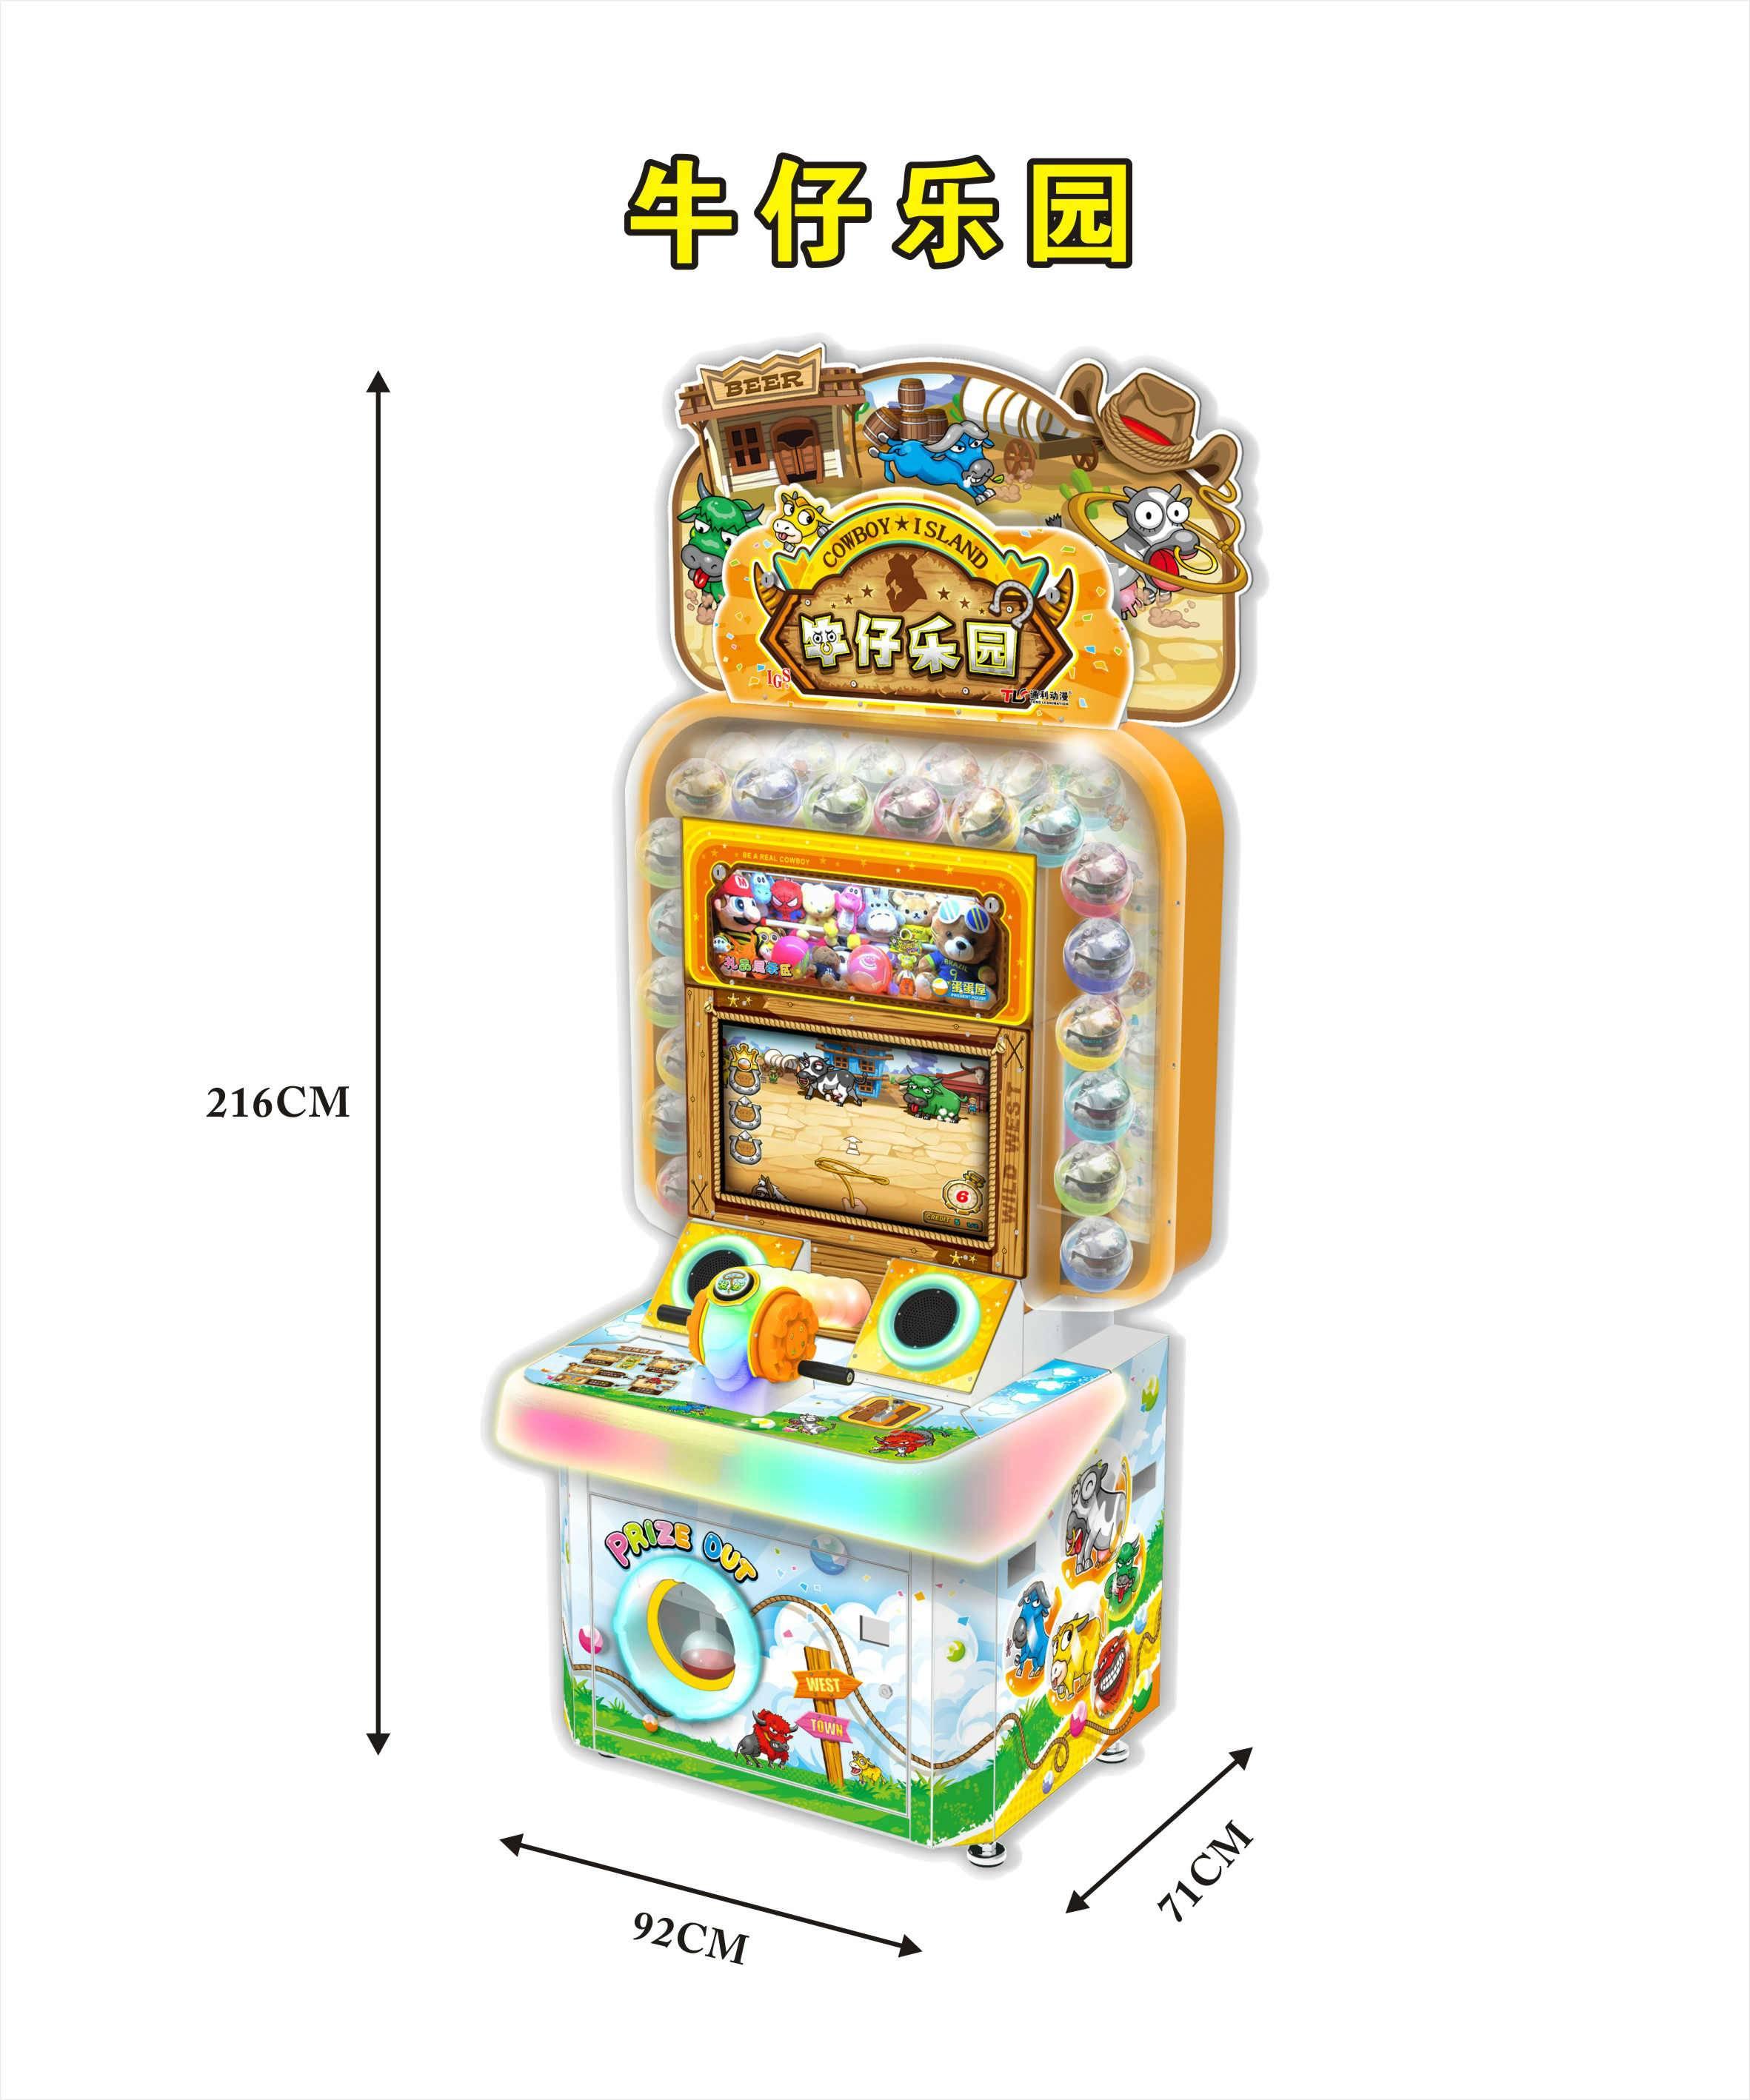 Cowboy Island,Prize game machine,redemption game machine,indoor playground equipment